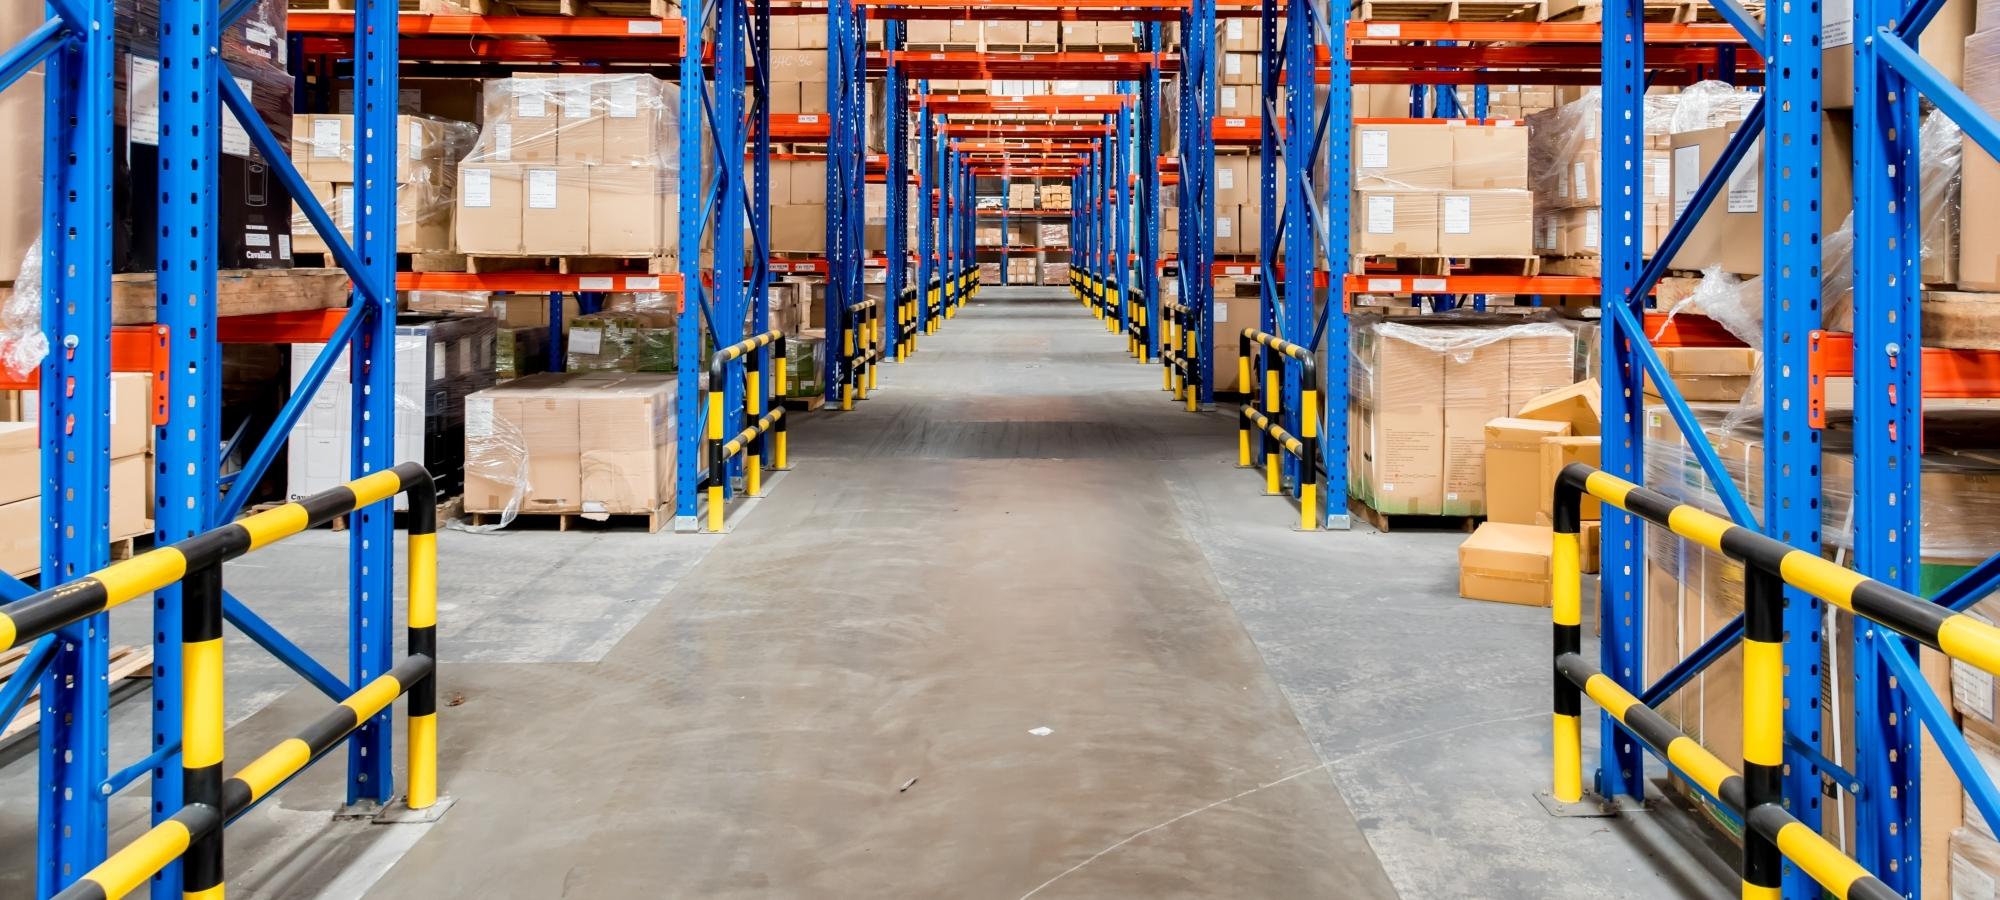 Logistik-Lagerflächen – sicher und schnell